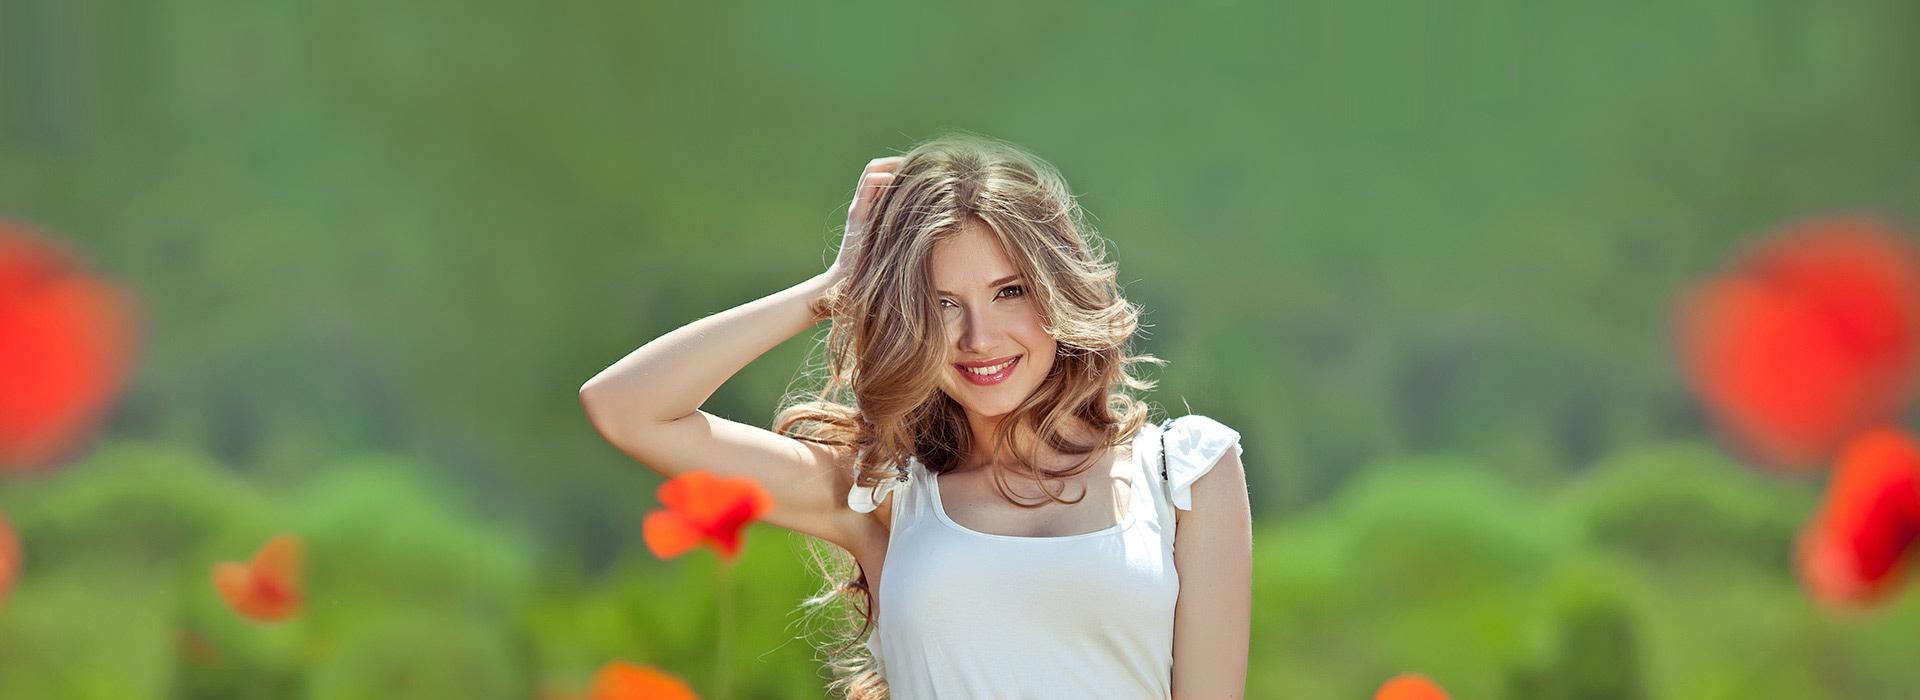 service-de-coiffure-et-de-mise-en-pli-a-domicile